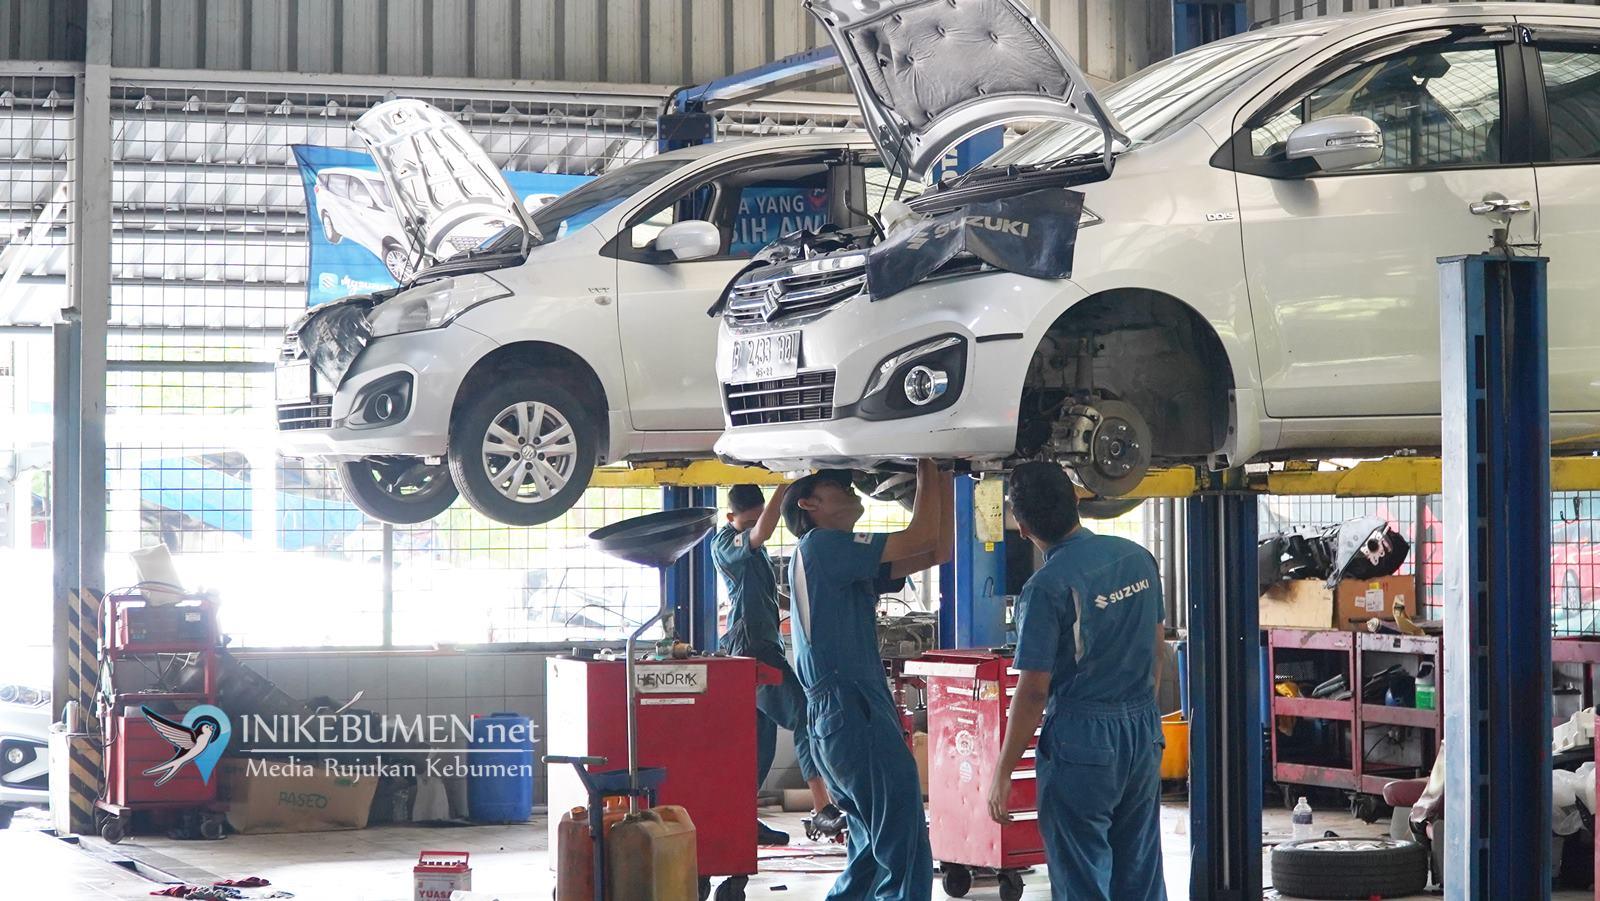 Biaya Perawatan SUV Suzuki XL7 Hanya Rp 3.800 per Hari Selama 5 Tahun